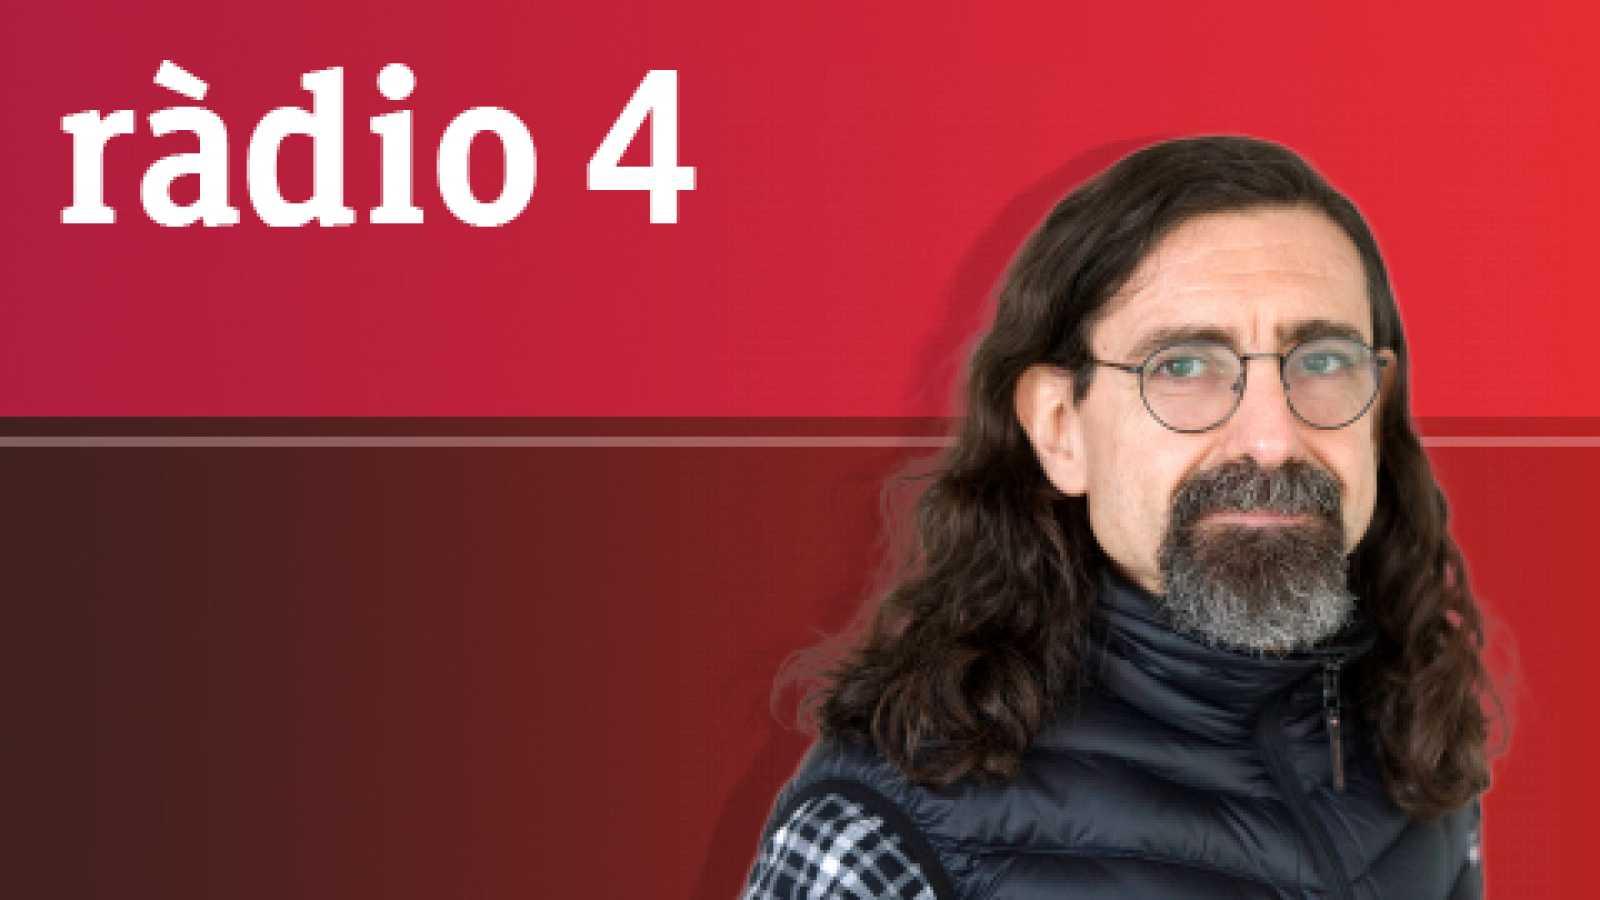 L'altra ràdio - 14 de març 2014